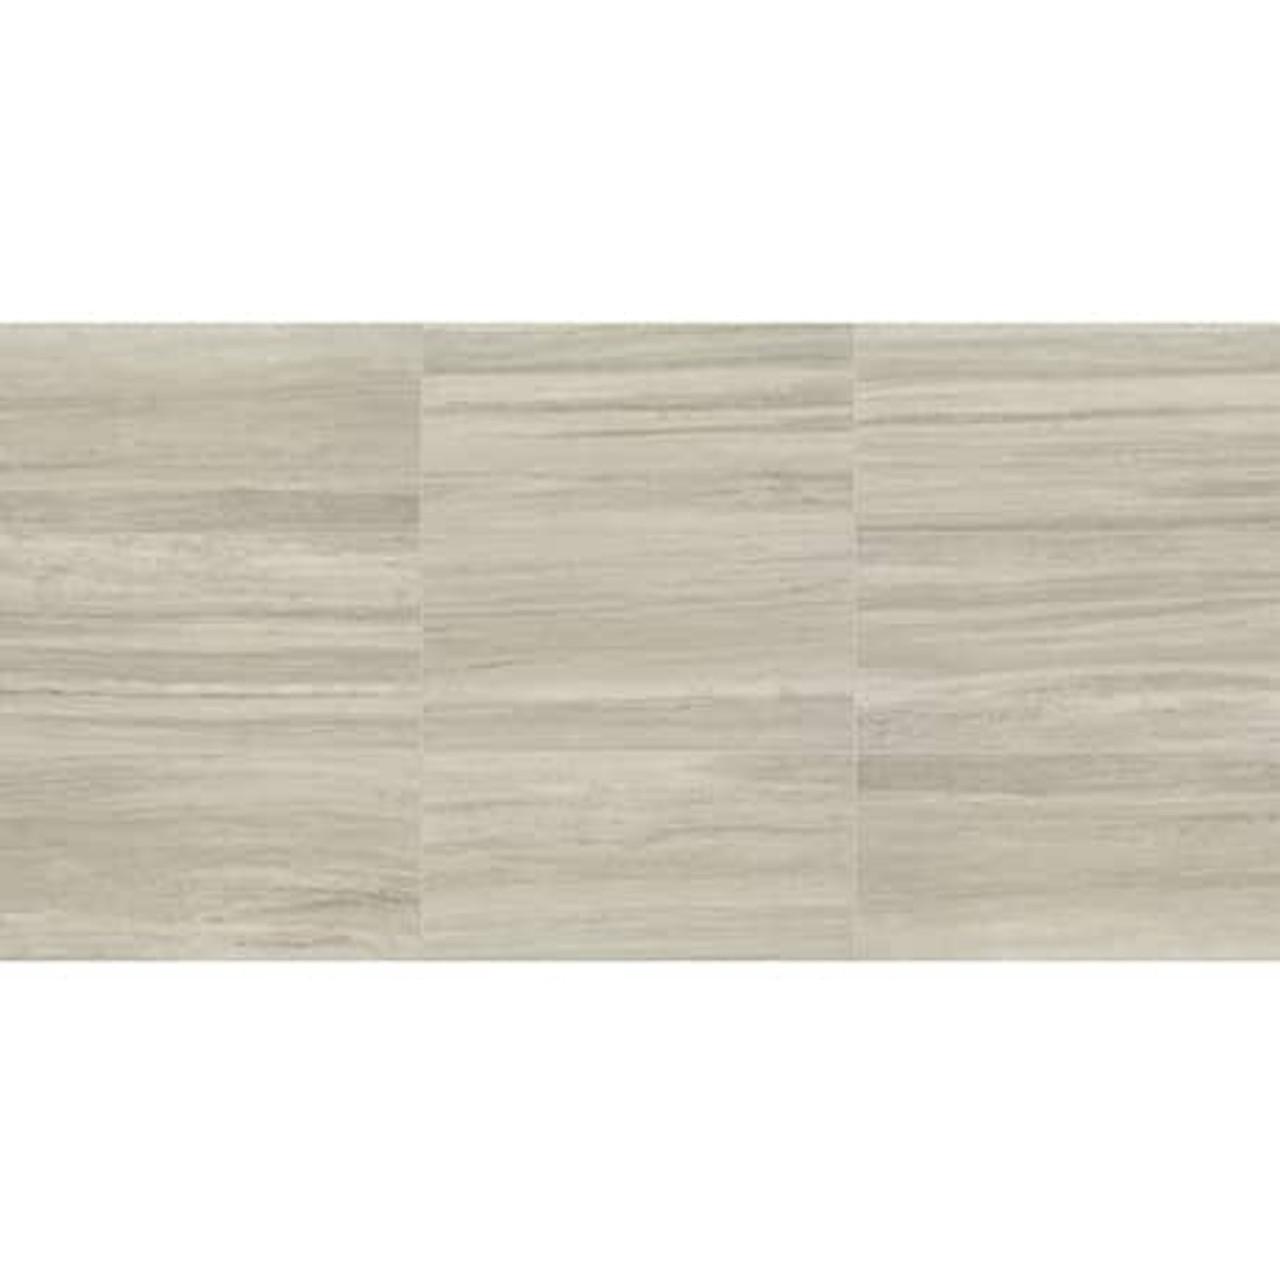 articulo column grey 12x24 floor tile